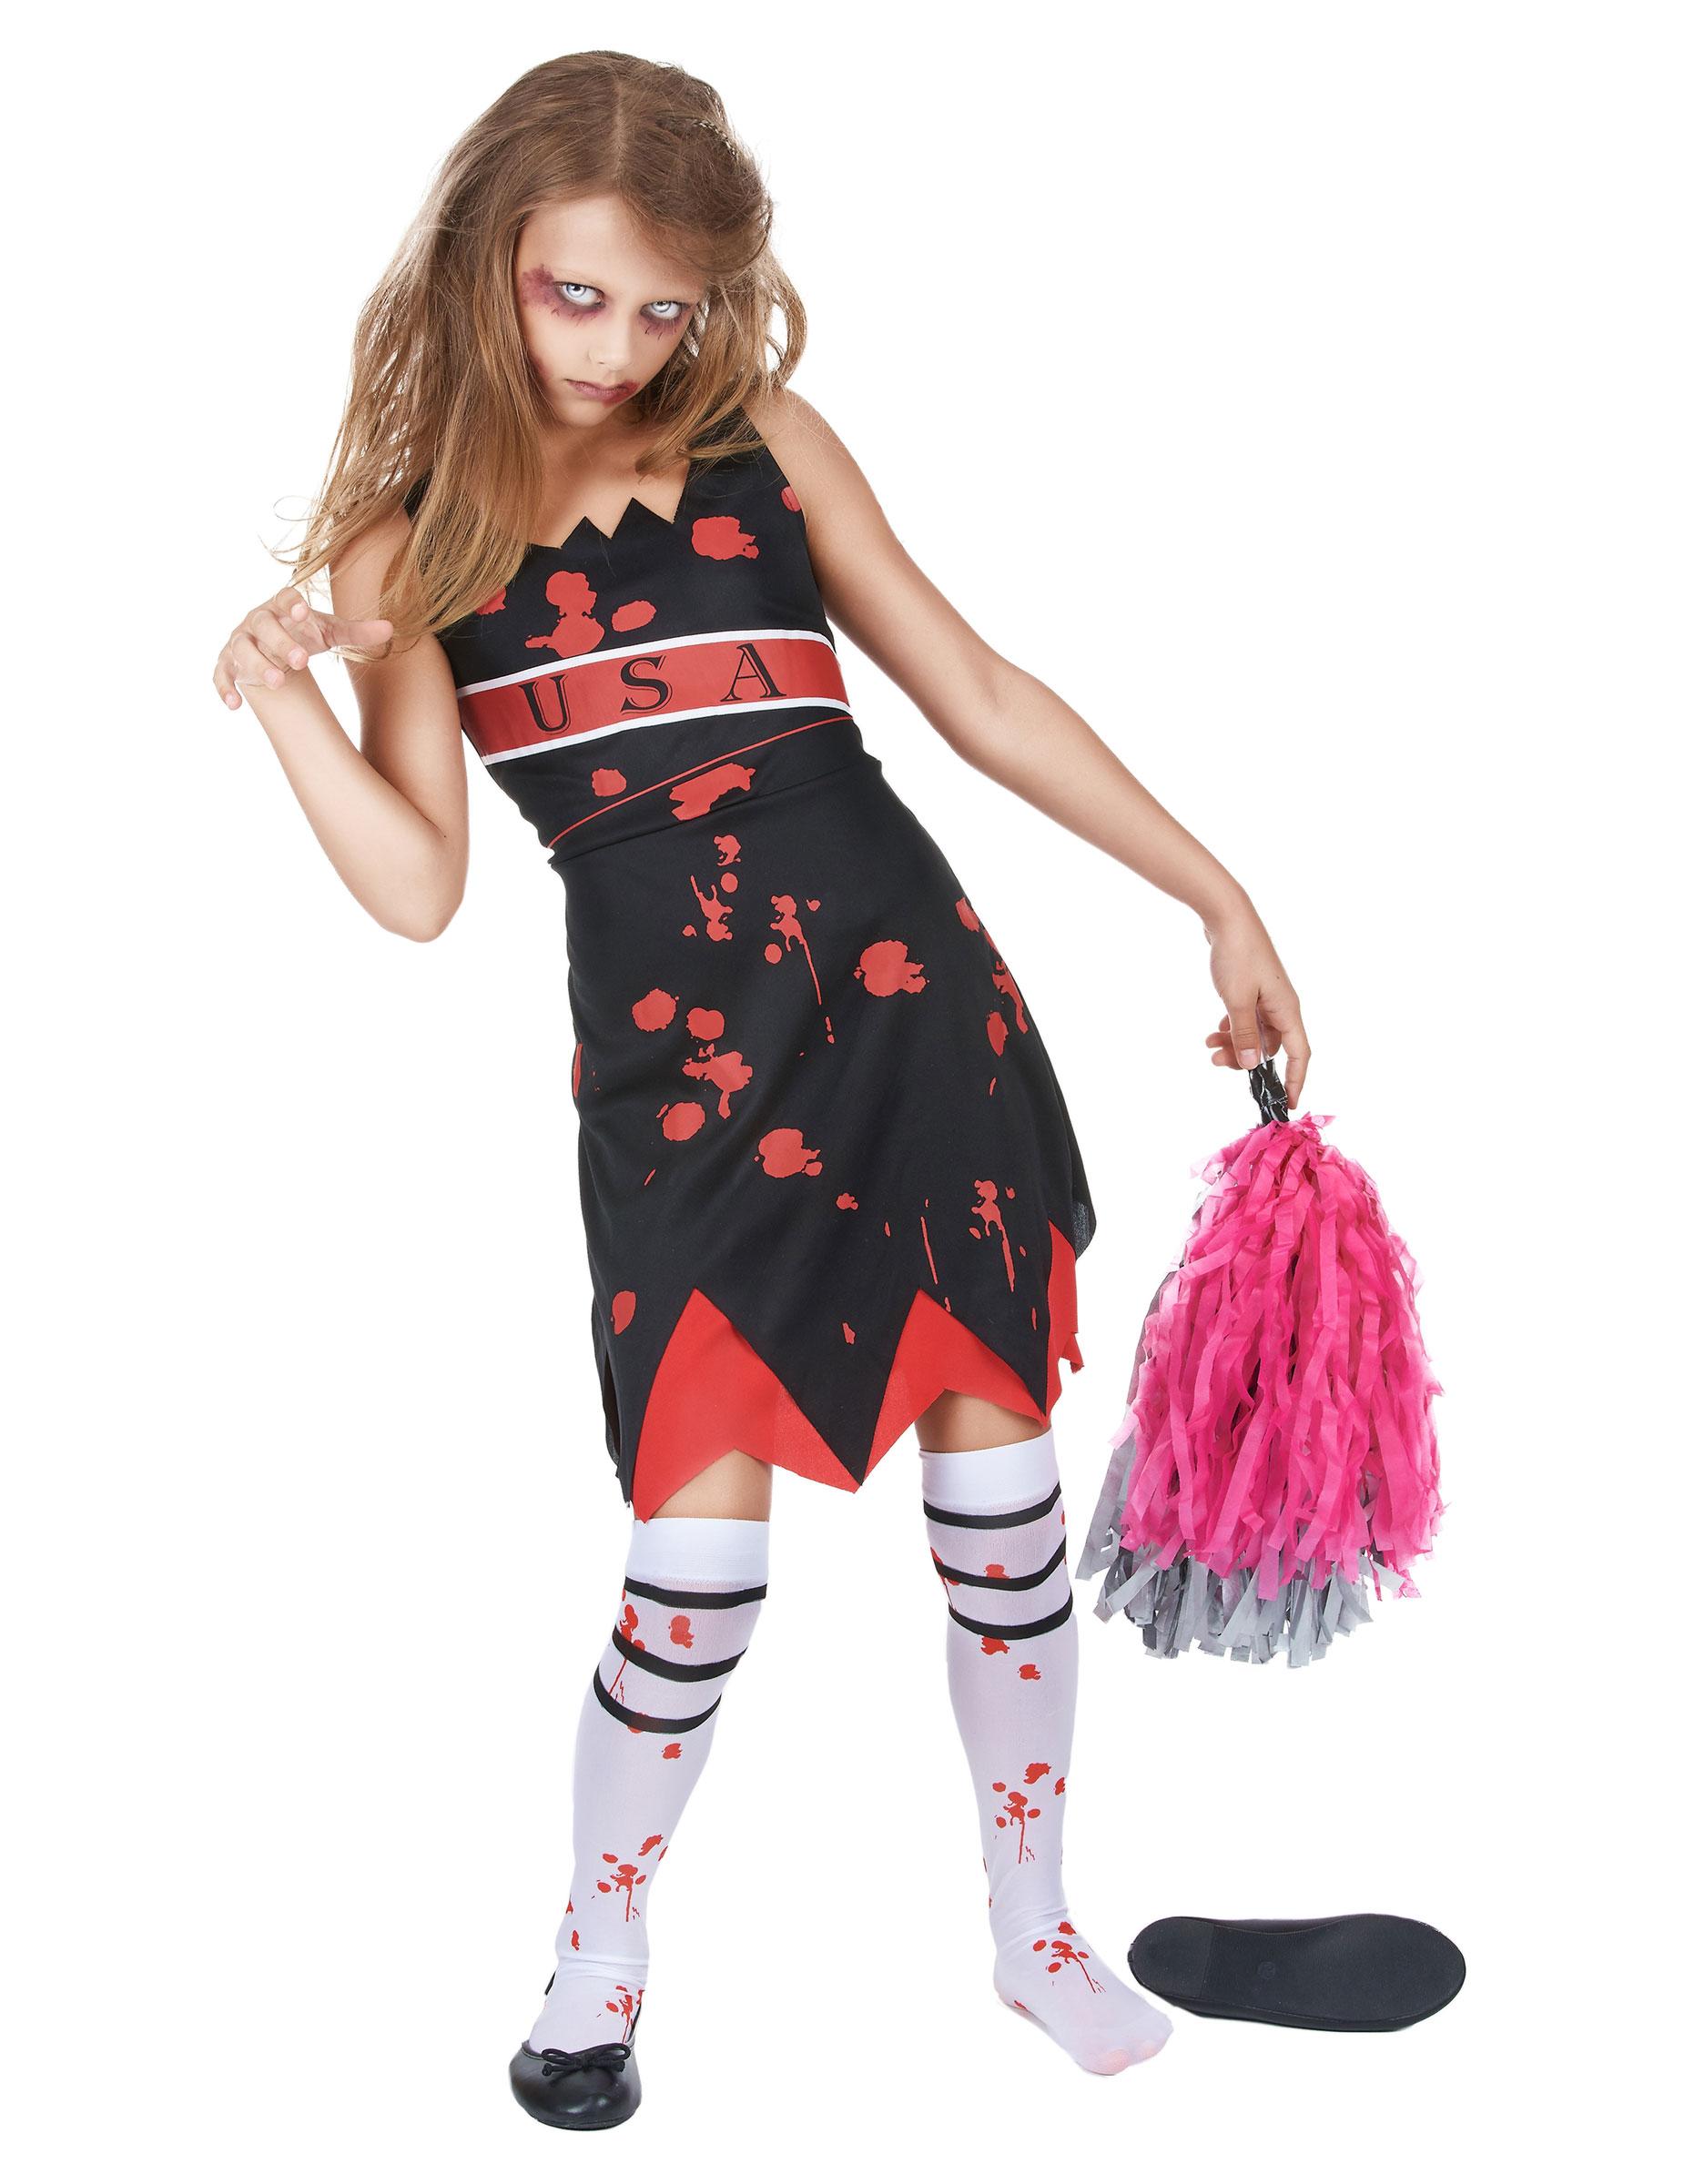 d guisement pompom girl zombie fille halloween d coration anniversaire et f tes th me sur. Black Bedroom Furniture Sets. Home Design Ideas